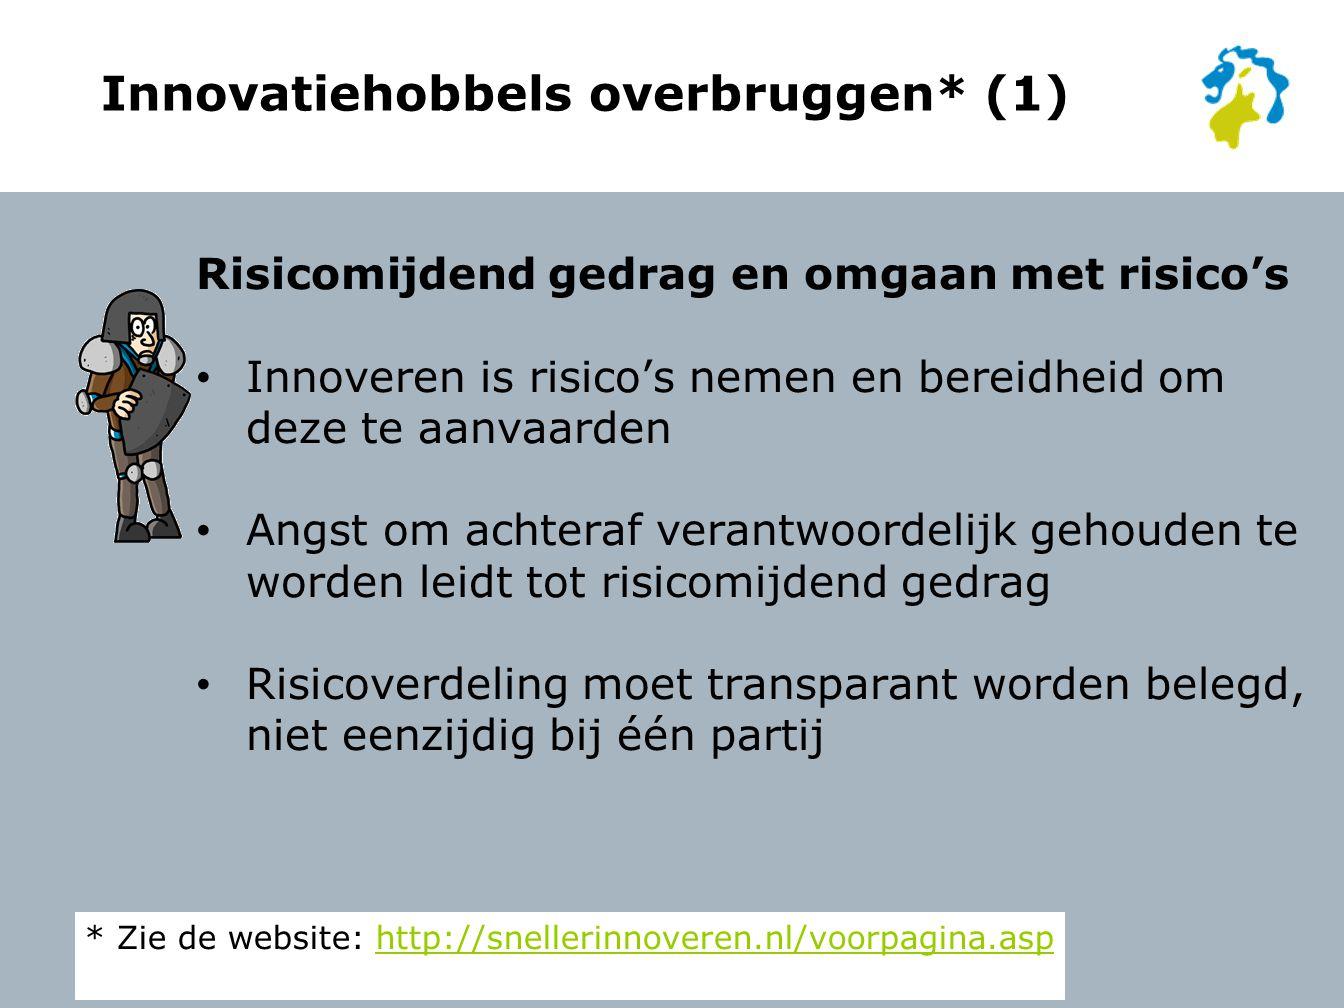 Innovatiehobbels overbruggen* (1) Risicomijdend gedrag en omgaan met risico's Innoveren is risico's nemen en bereidheid om deze te aanvaarden Angst om achteraf verantwoordelijk gehouden te worden leidt tot risicomijdend gedrag Risicoverdeling moet transparant worden belegd, niet eenzijdig bij één partij * Zie de website: http://snellerinnoveren.nl/voorpagina.asphttp://snellerinnoveren.nl/voorpagina.asp